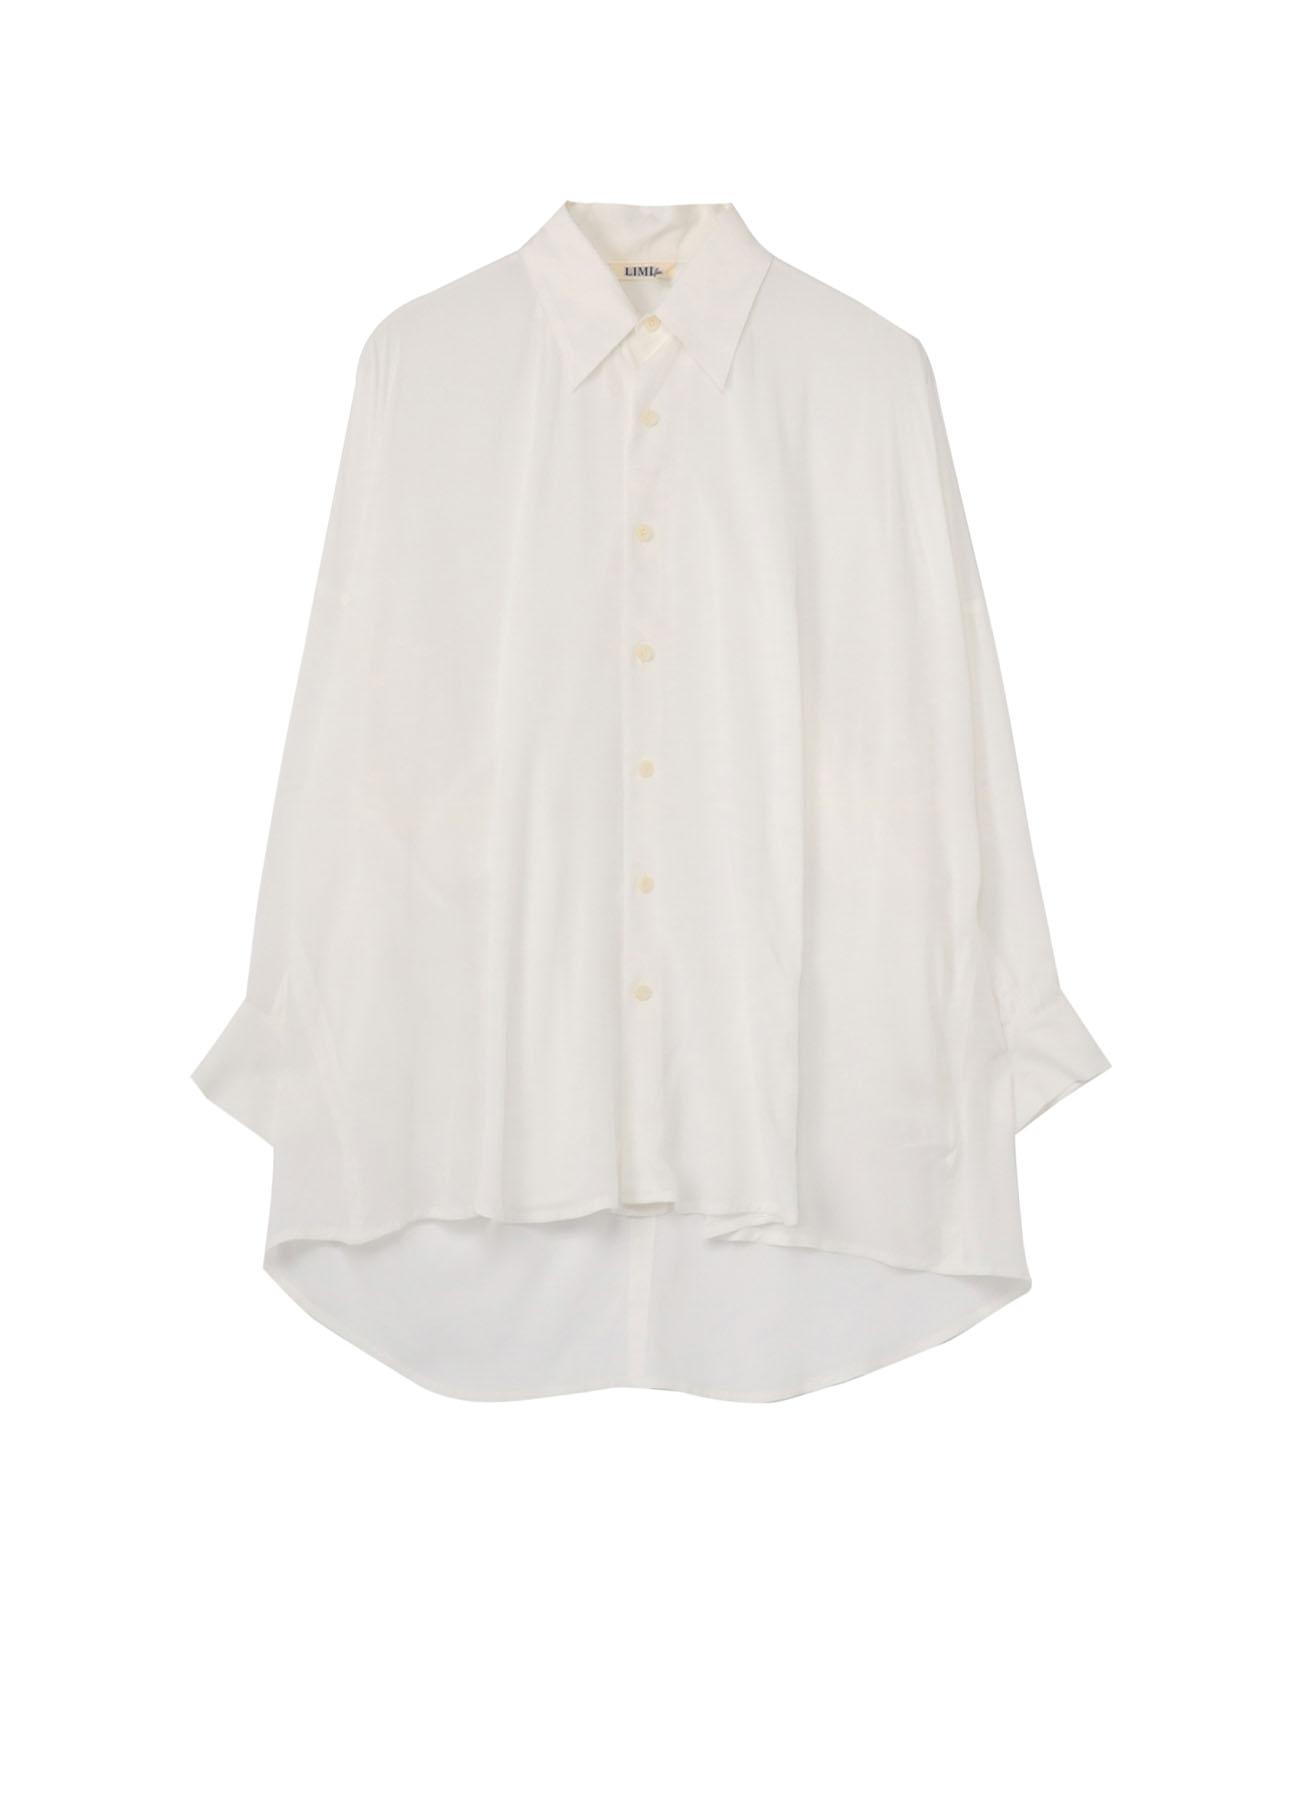 Rayon Lawn back Drape Shirt